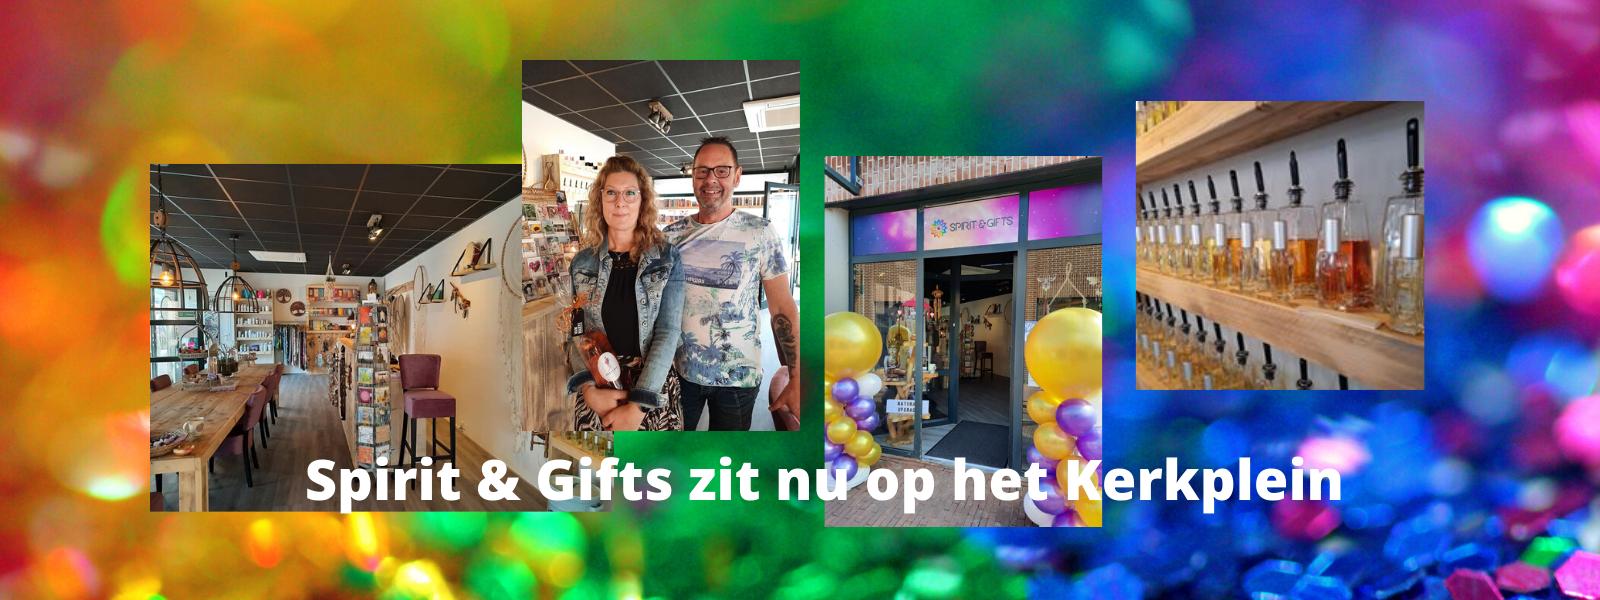 Spirit & Gifts op een nieuwe locatie